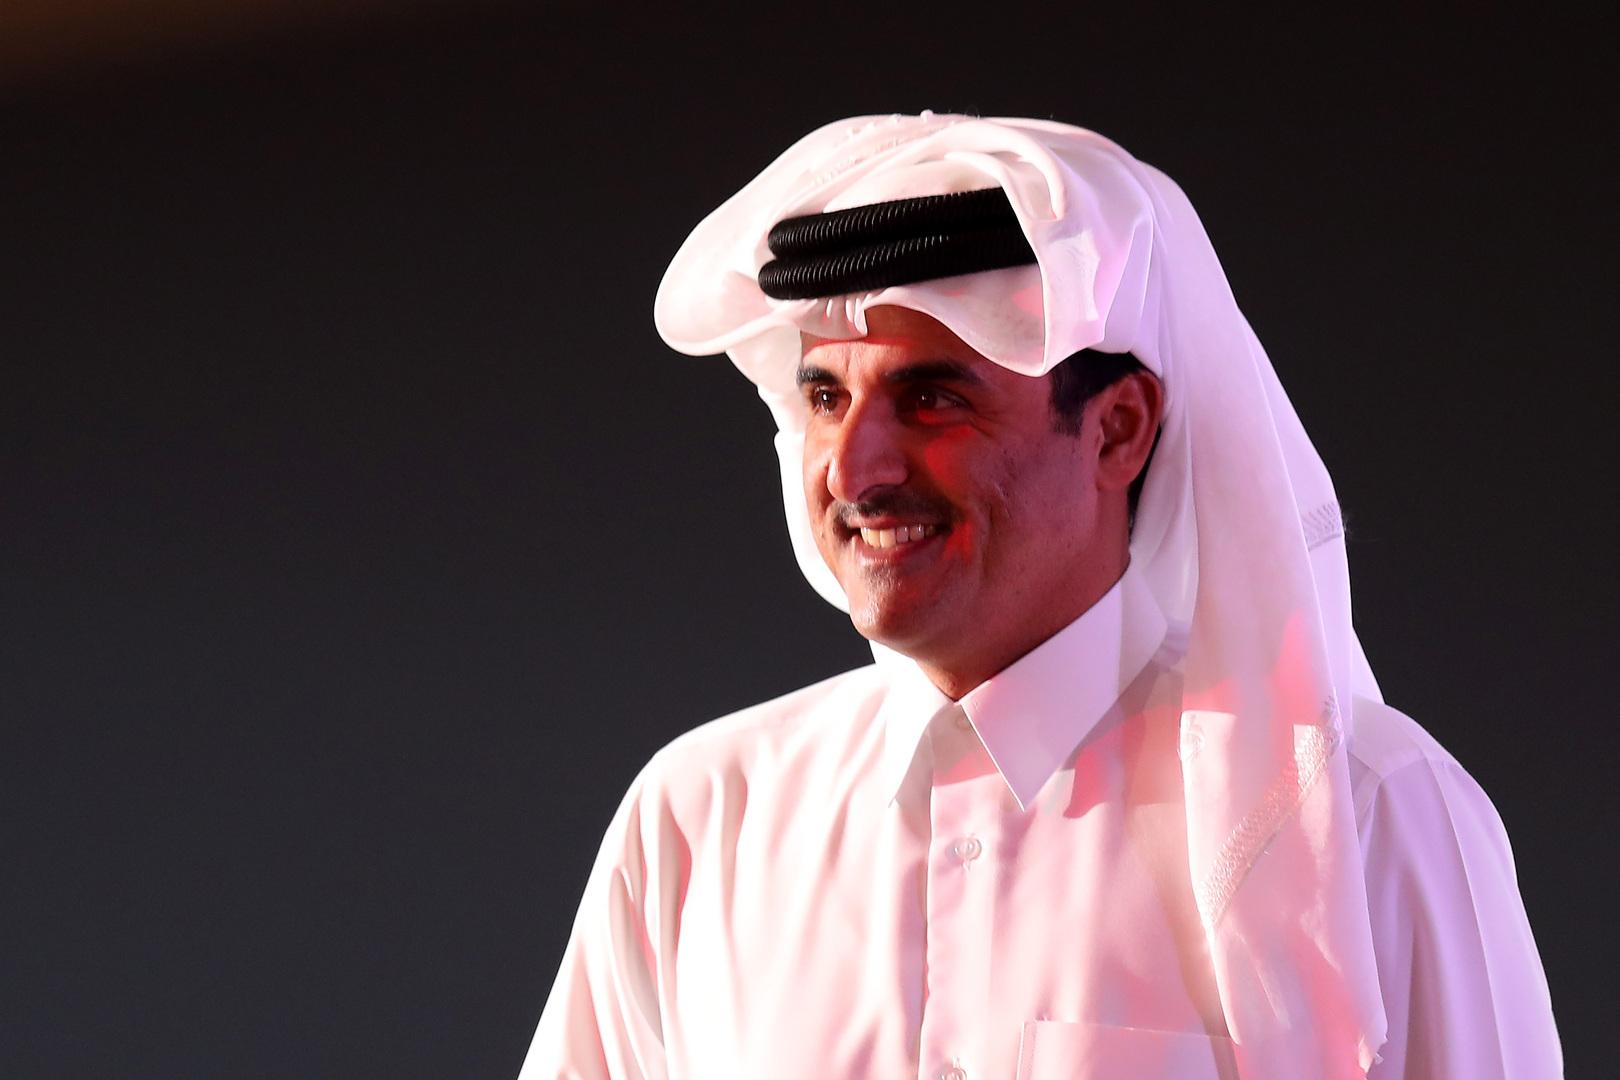 تصحيح.. البنتاغون قلد وساما لسفير قطر وليس للأخ غير الشقيق لأمير البلاد